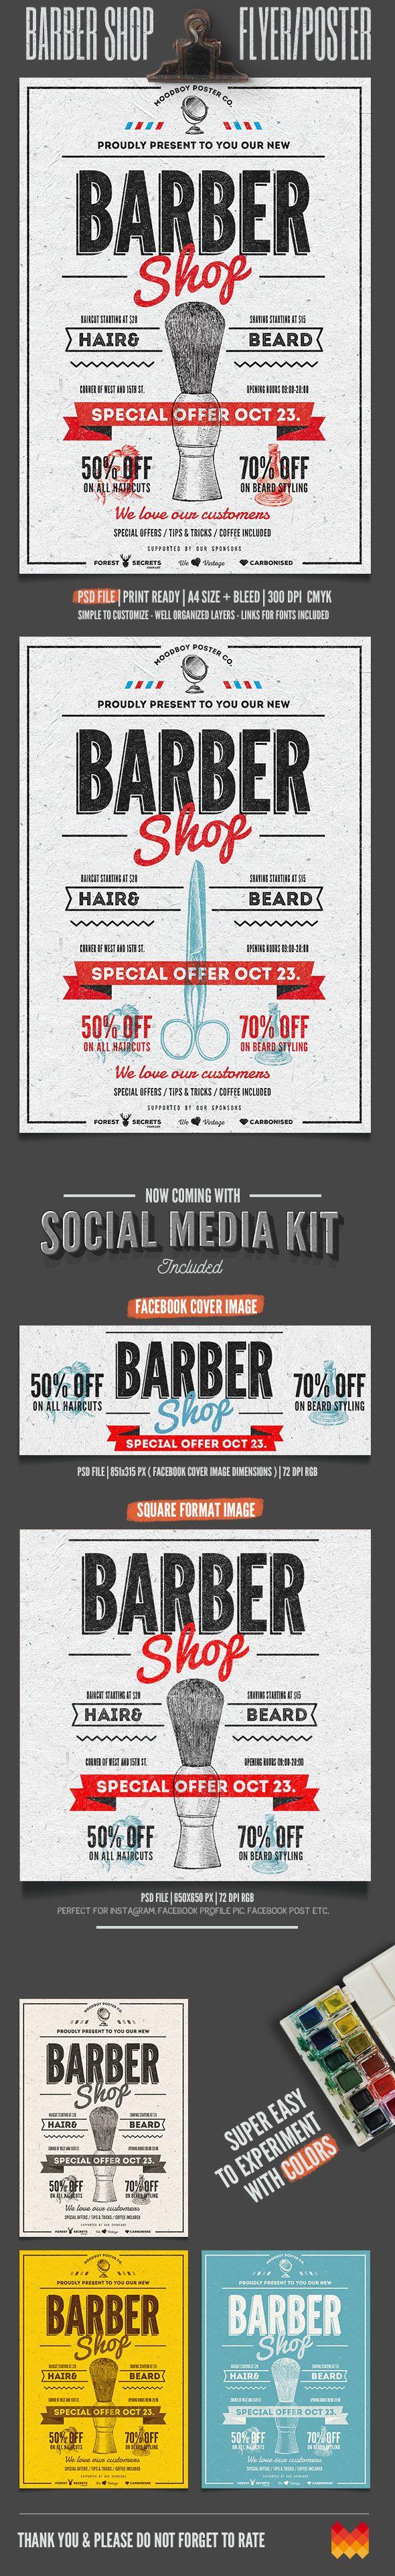 Barber Shop Flyer/Poster on Behance